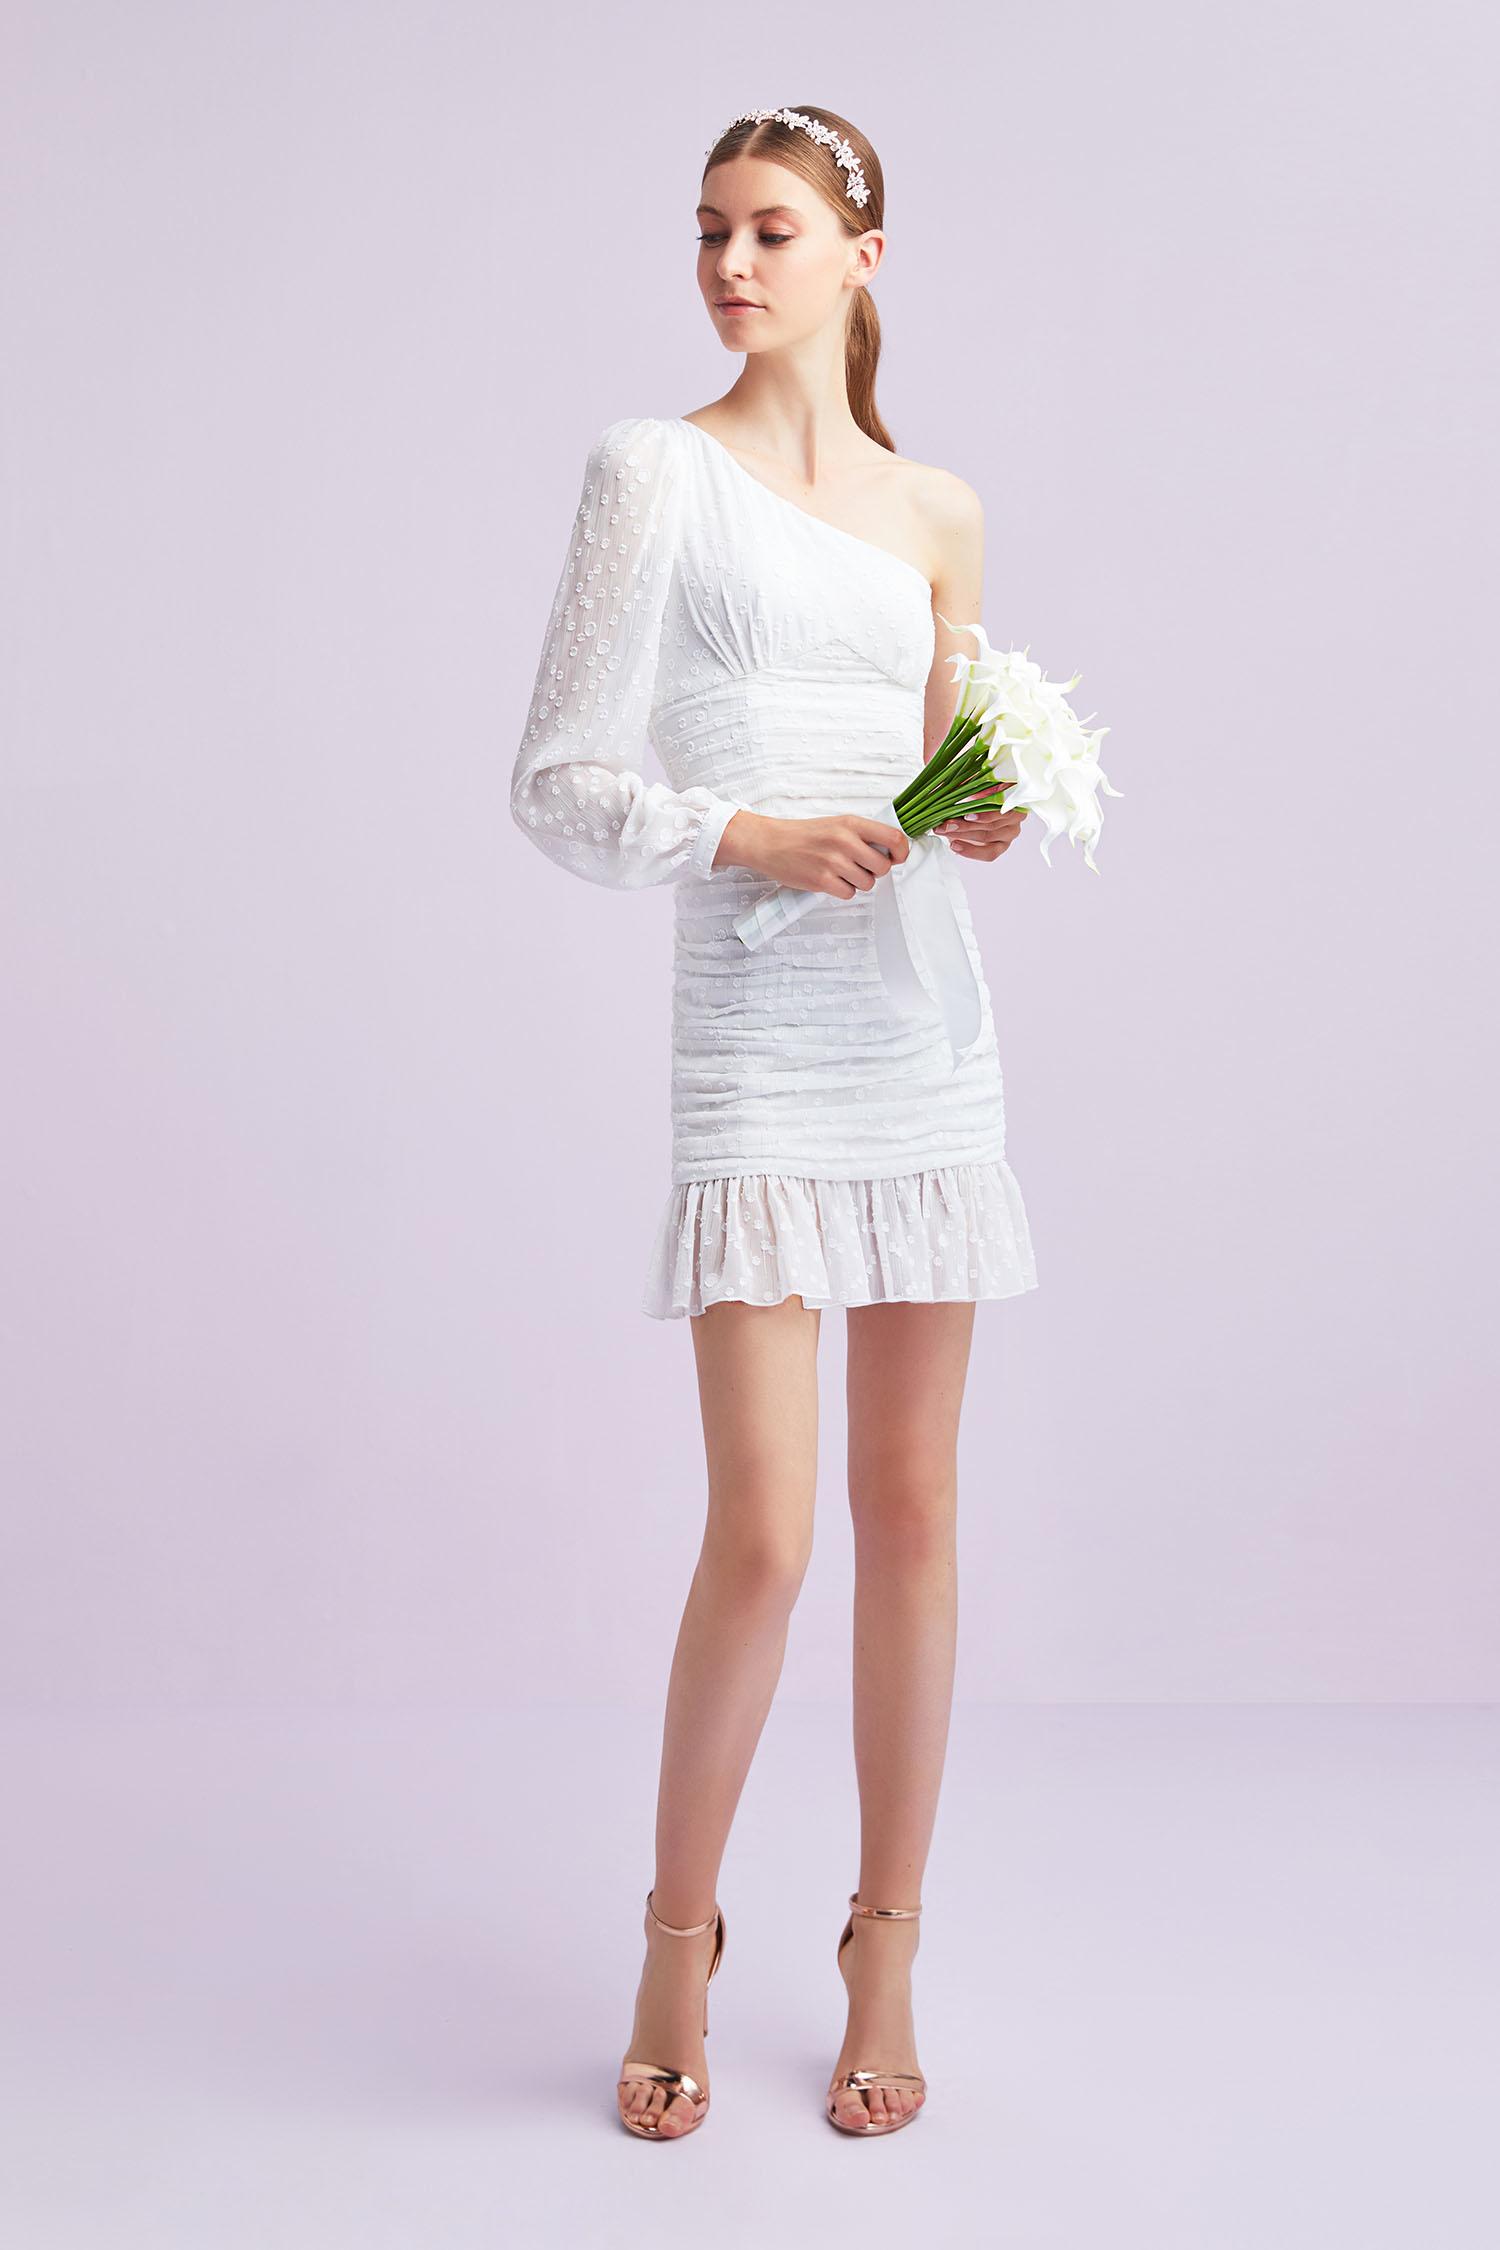 Beyaz Tek Omuz Şifon Kısa Büyük Beden Nikah Elbisesi - Thumbnail